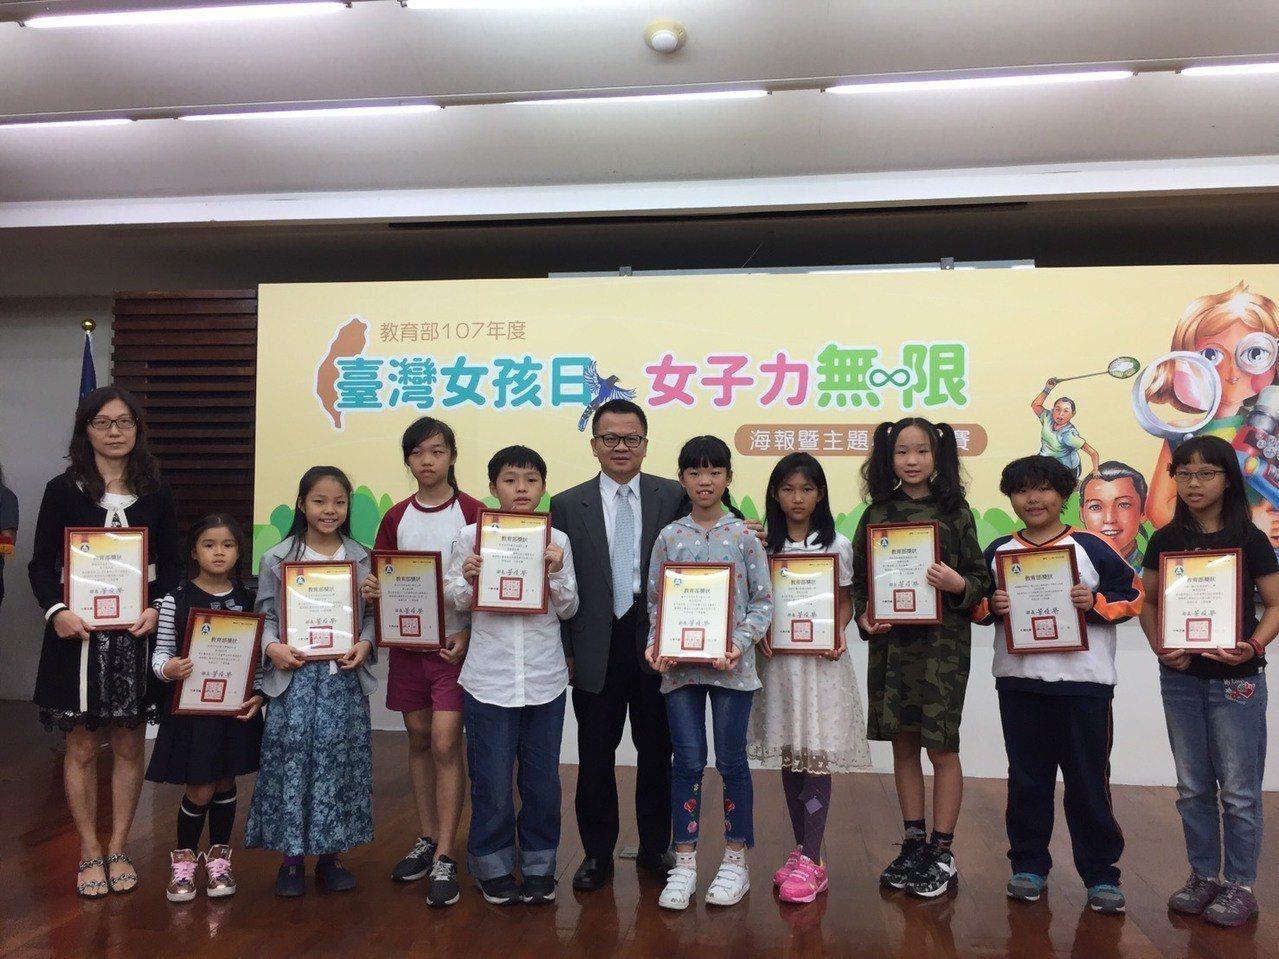 教育部昨天舉行「台灣女孩日-『女子力無限』海報暨主題標語競賽」頒獎典禮。圖/教育...